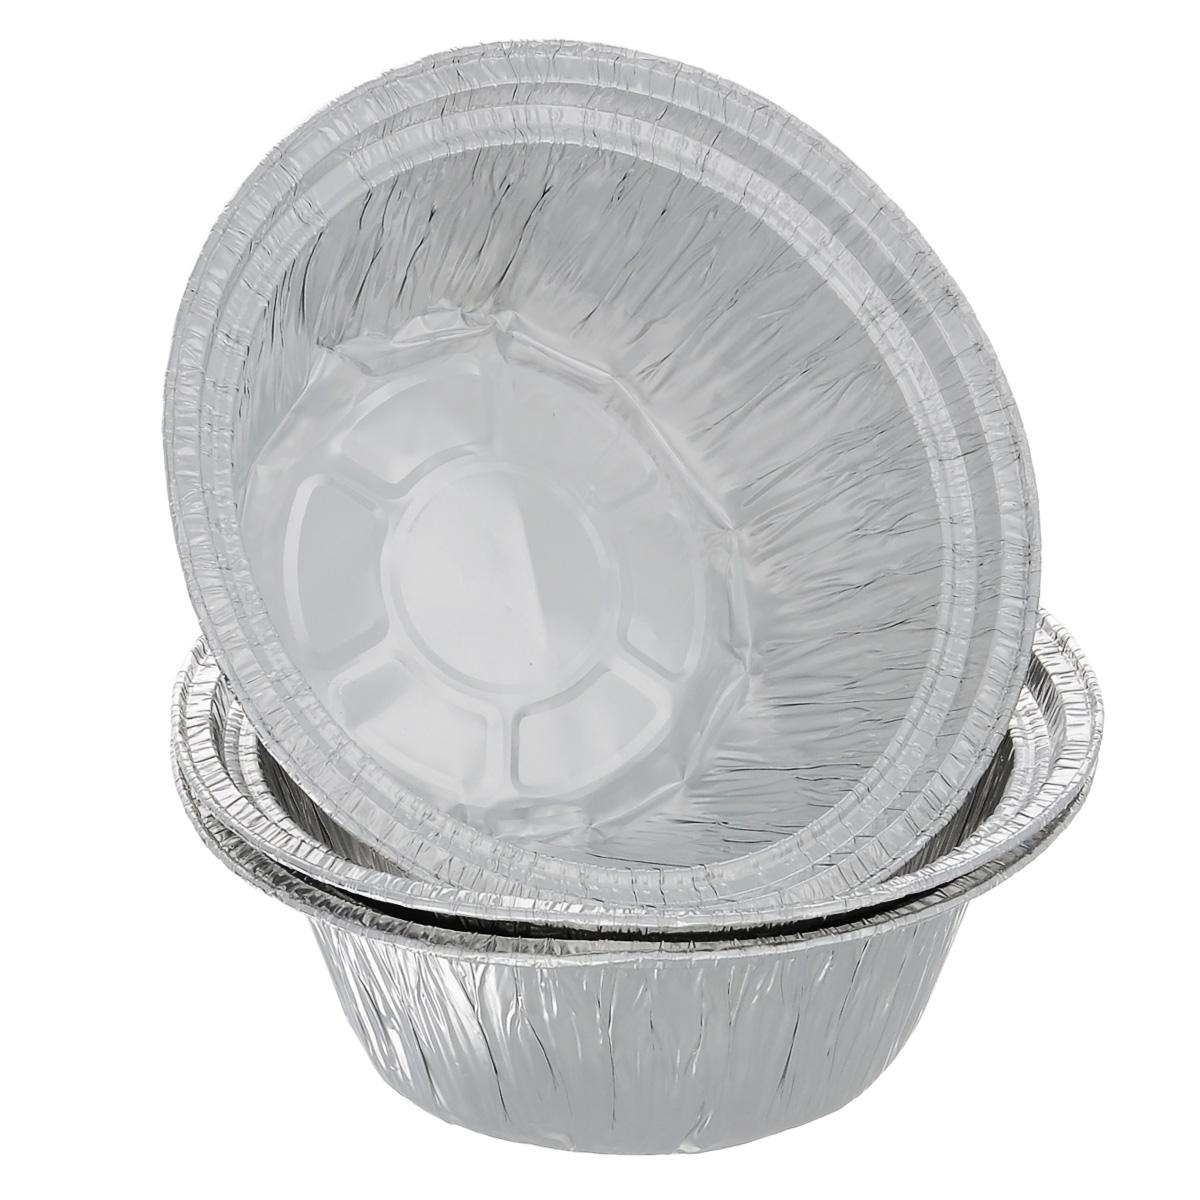 """Набор """"Home Queen"""", выполненный из алюминиевой фольги идеально подходит для кексов, пирогов. Форма обладает всеми свойствами обычной фольги для запекания: гигиеничная, легкая, прочная, теплопроводная.  Также формы можно использовать для запекания, для хранения и заморозки продуктов. Диаметр формы: 18,5 см.  Высота формы: 7 см. Количество форм: 3 шт."""